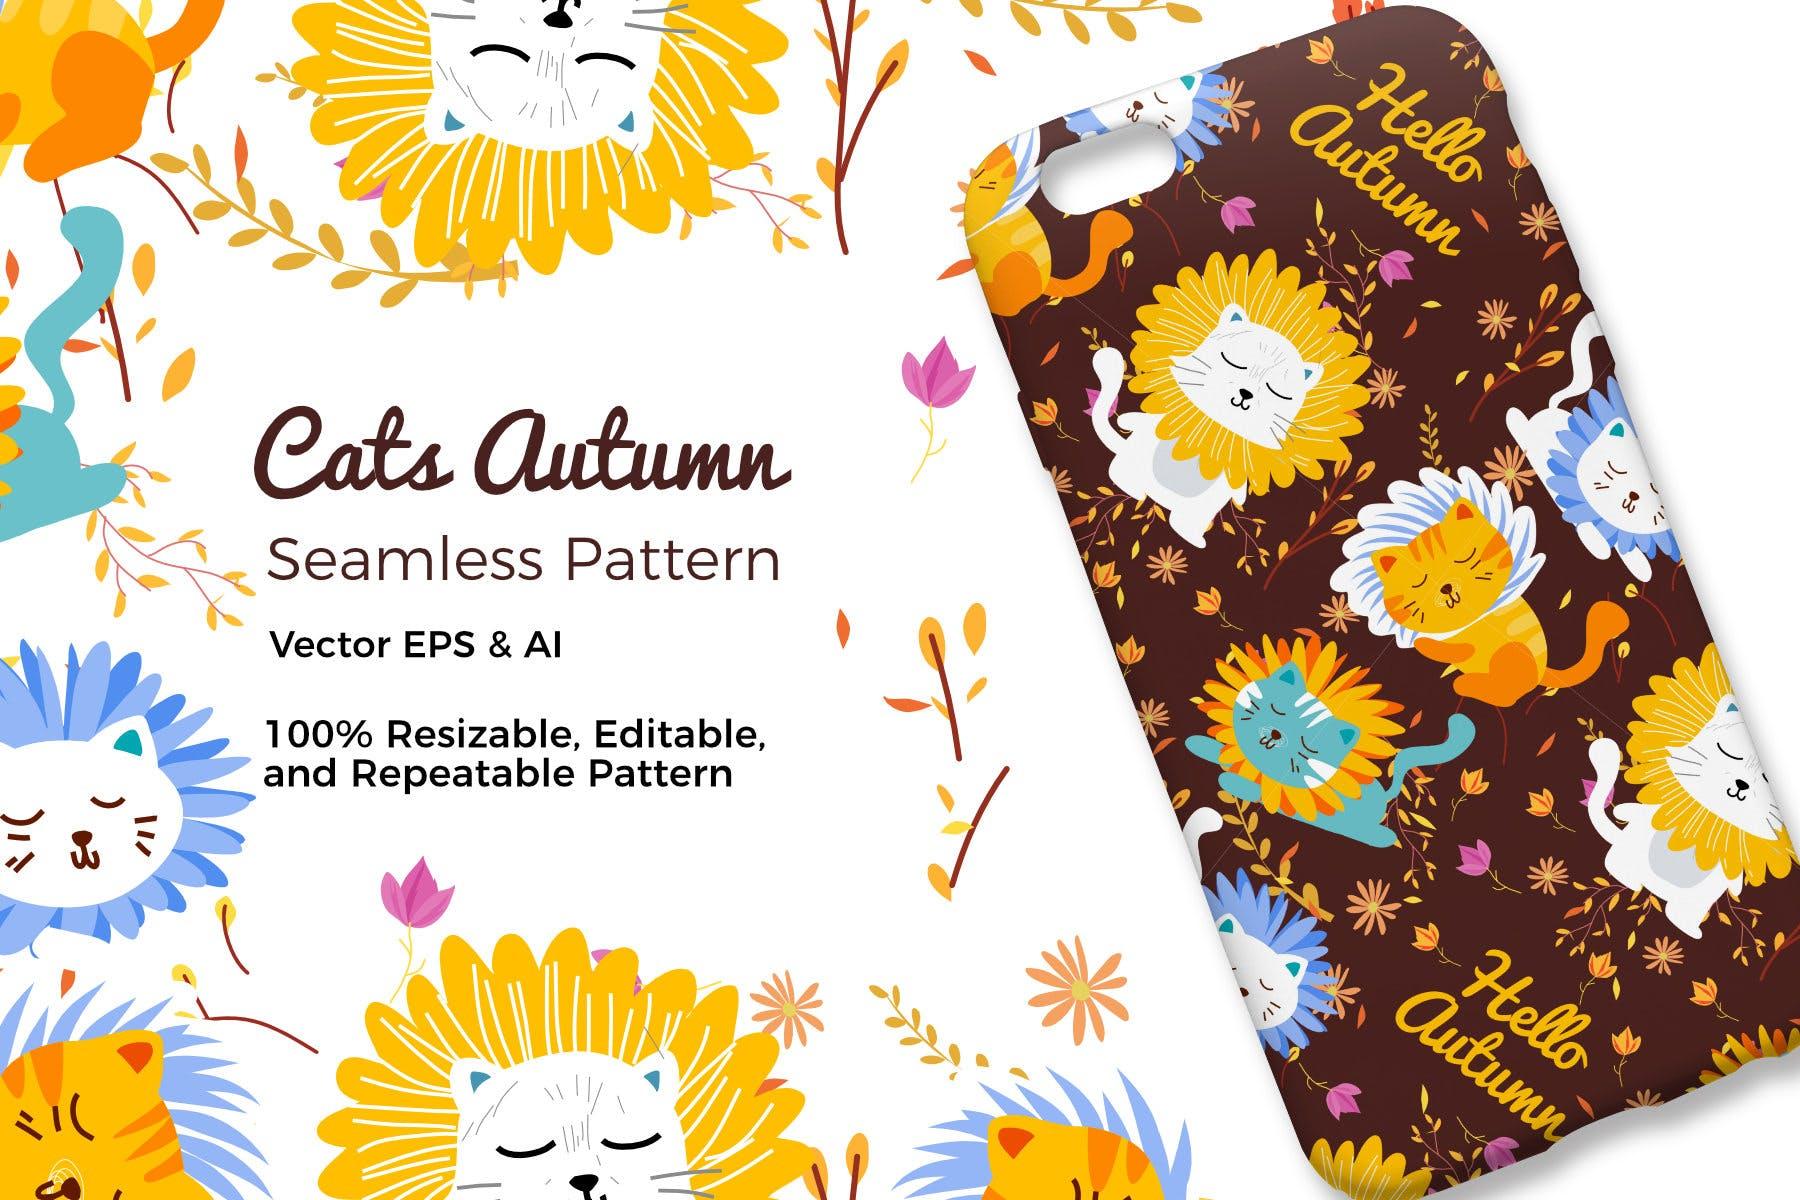 可爱创意猫手机壳创意图案花纹素材Cats Autumn Pattern插图